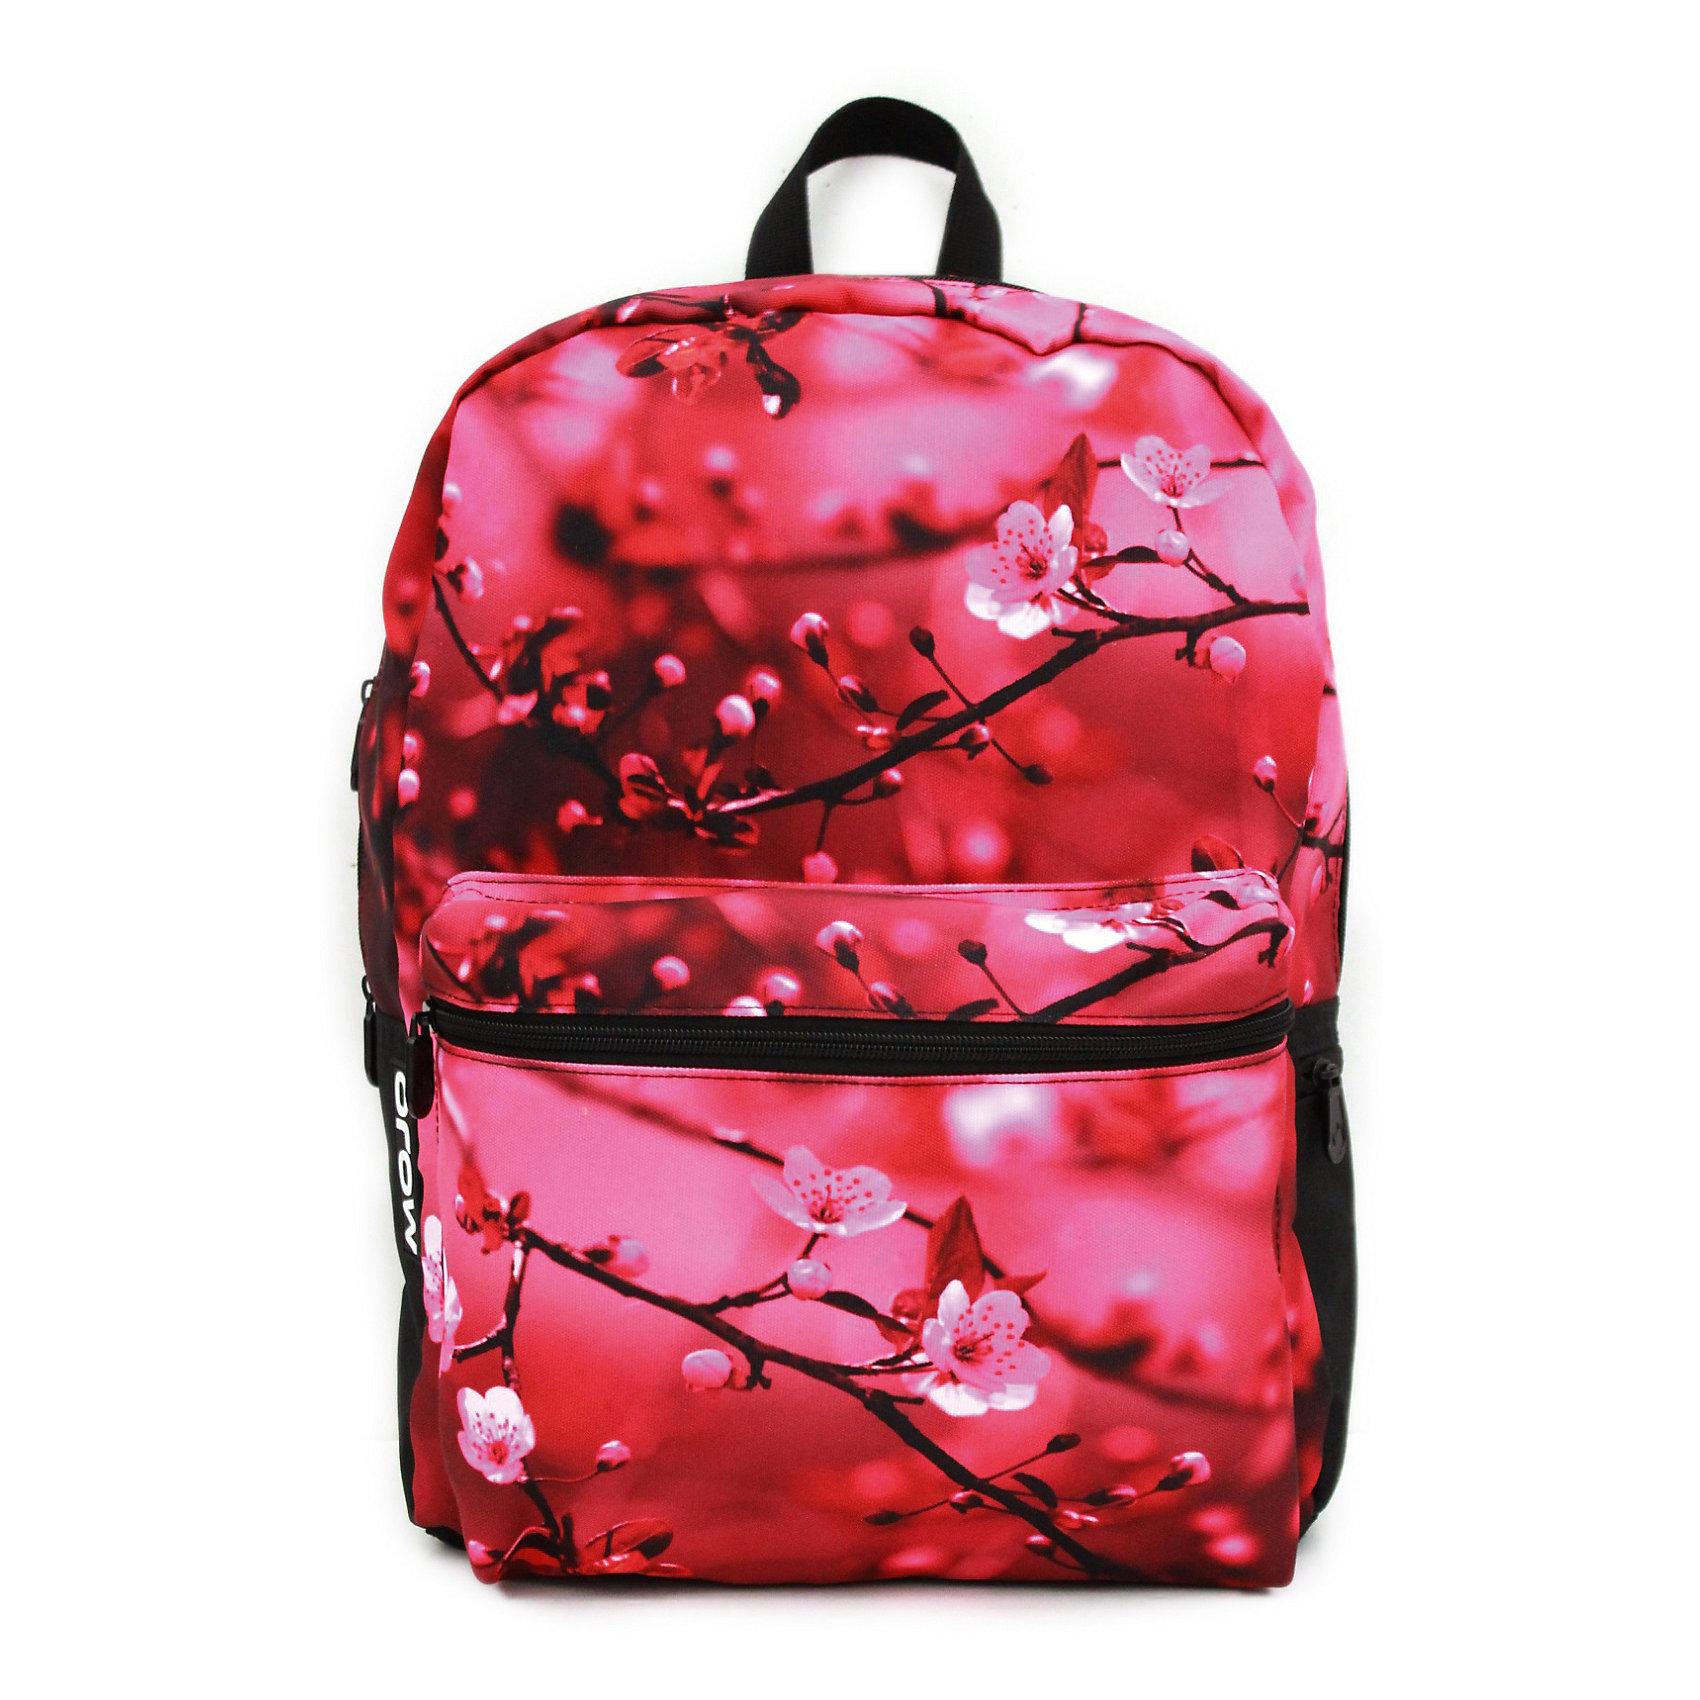 Рюкзак Cherry BlossomРюкзаки<br>БРОСЬ ВЫЗОВ УНЫЛЫМ СЕРЫМ БУДНЯМ!<br>Подари себе и окружающим романтичное настроение с этим рюкзаком от Mojo! Нежный розовый фон и ветки цветущей вишни — идеальное сочетание для модниц, которые привыкли производить впечатление даже в мелочах! Теперь можно с шиком носить с собой все нужное — этот рюкзак не просто впишется в образ, он станет его центром и «изюминкой». В УФ рисунок приобретает поразительный 3D-эффект и начинает светиться сиреневым. Размер: 43х30х16 см, цвет (черный/мульти), MOJO PAX, США<br><br>Ширина мм: 43<br>Глубина мм: 30<br>Высота мм: 16<br>Вес г: 700<br>Возраст от месяцев: 120<br>Возраст до месяцев: 420<br>Пол: Женский<br>Возраст: Детский<br>SKU: 5344341